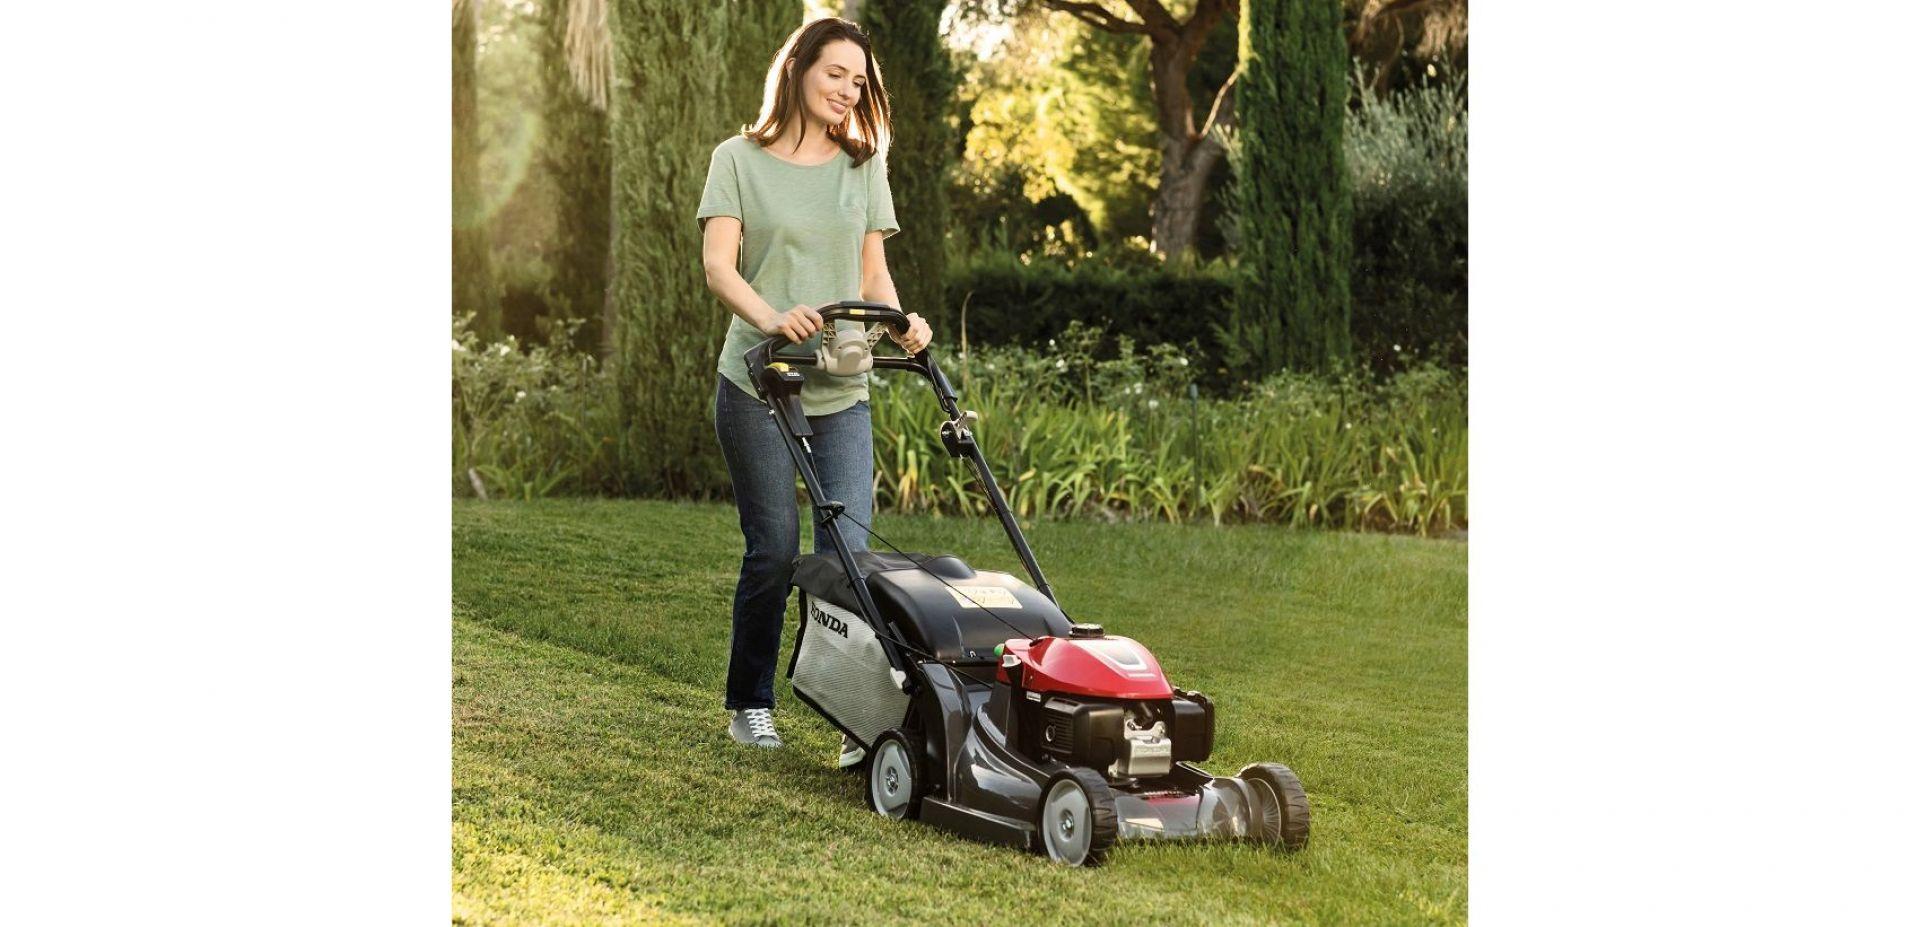 Dzięki sprawnym kosiarkom i dobranym do stylu życia urządzeniom do koszenia, pielęgnacja trawnika staje się przyjemną aktywnością na świeżym powietrzu. Na zdjęciu: kosiarka Honda HRX 476. Fot. Honda